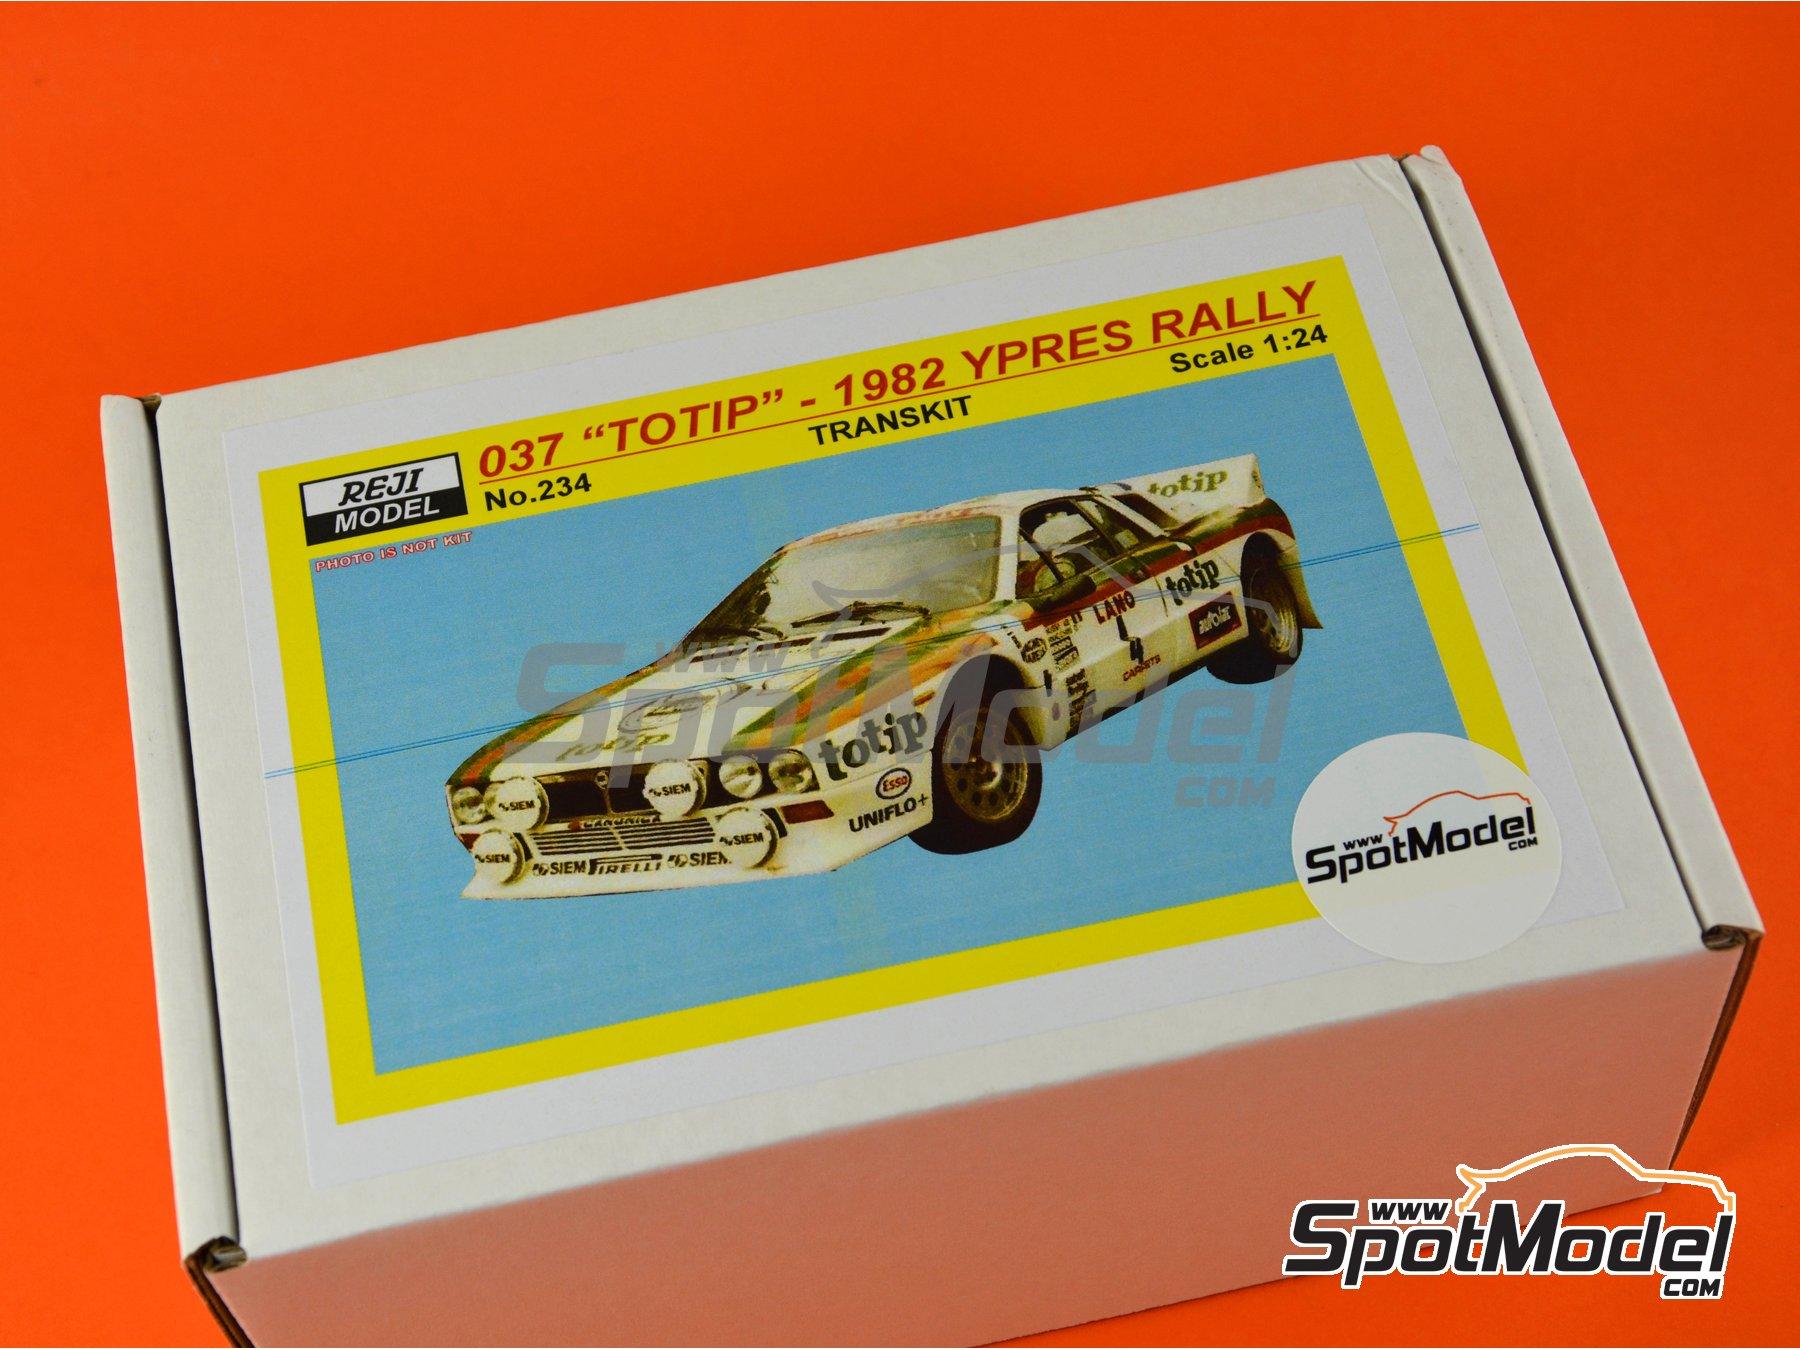 Image 3: Lancia 037 WRC - Rally de Ypres de Belgica 1982 | Transkit en escala1/24 fabricado por Reji Model (ref.REJI-234)